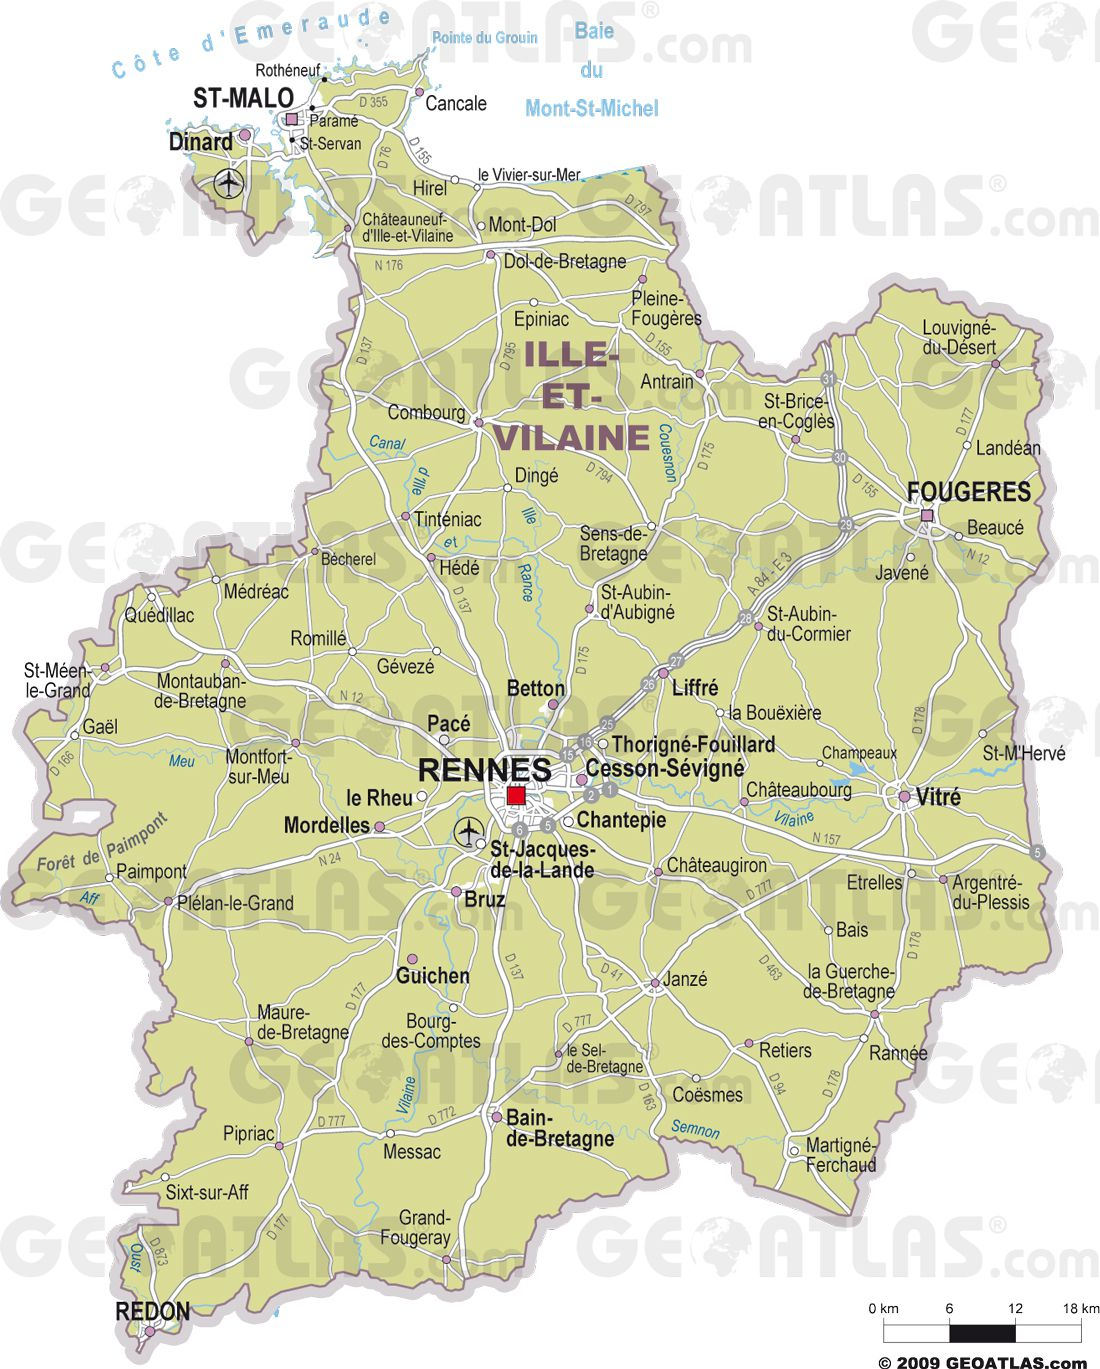 Carte des villes de l'Ille-et-Vilaine